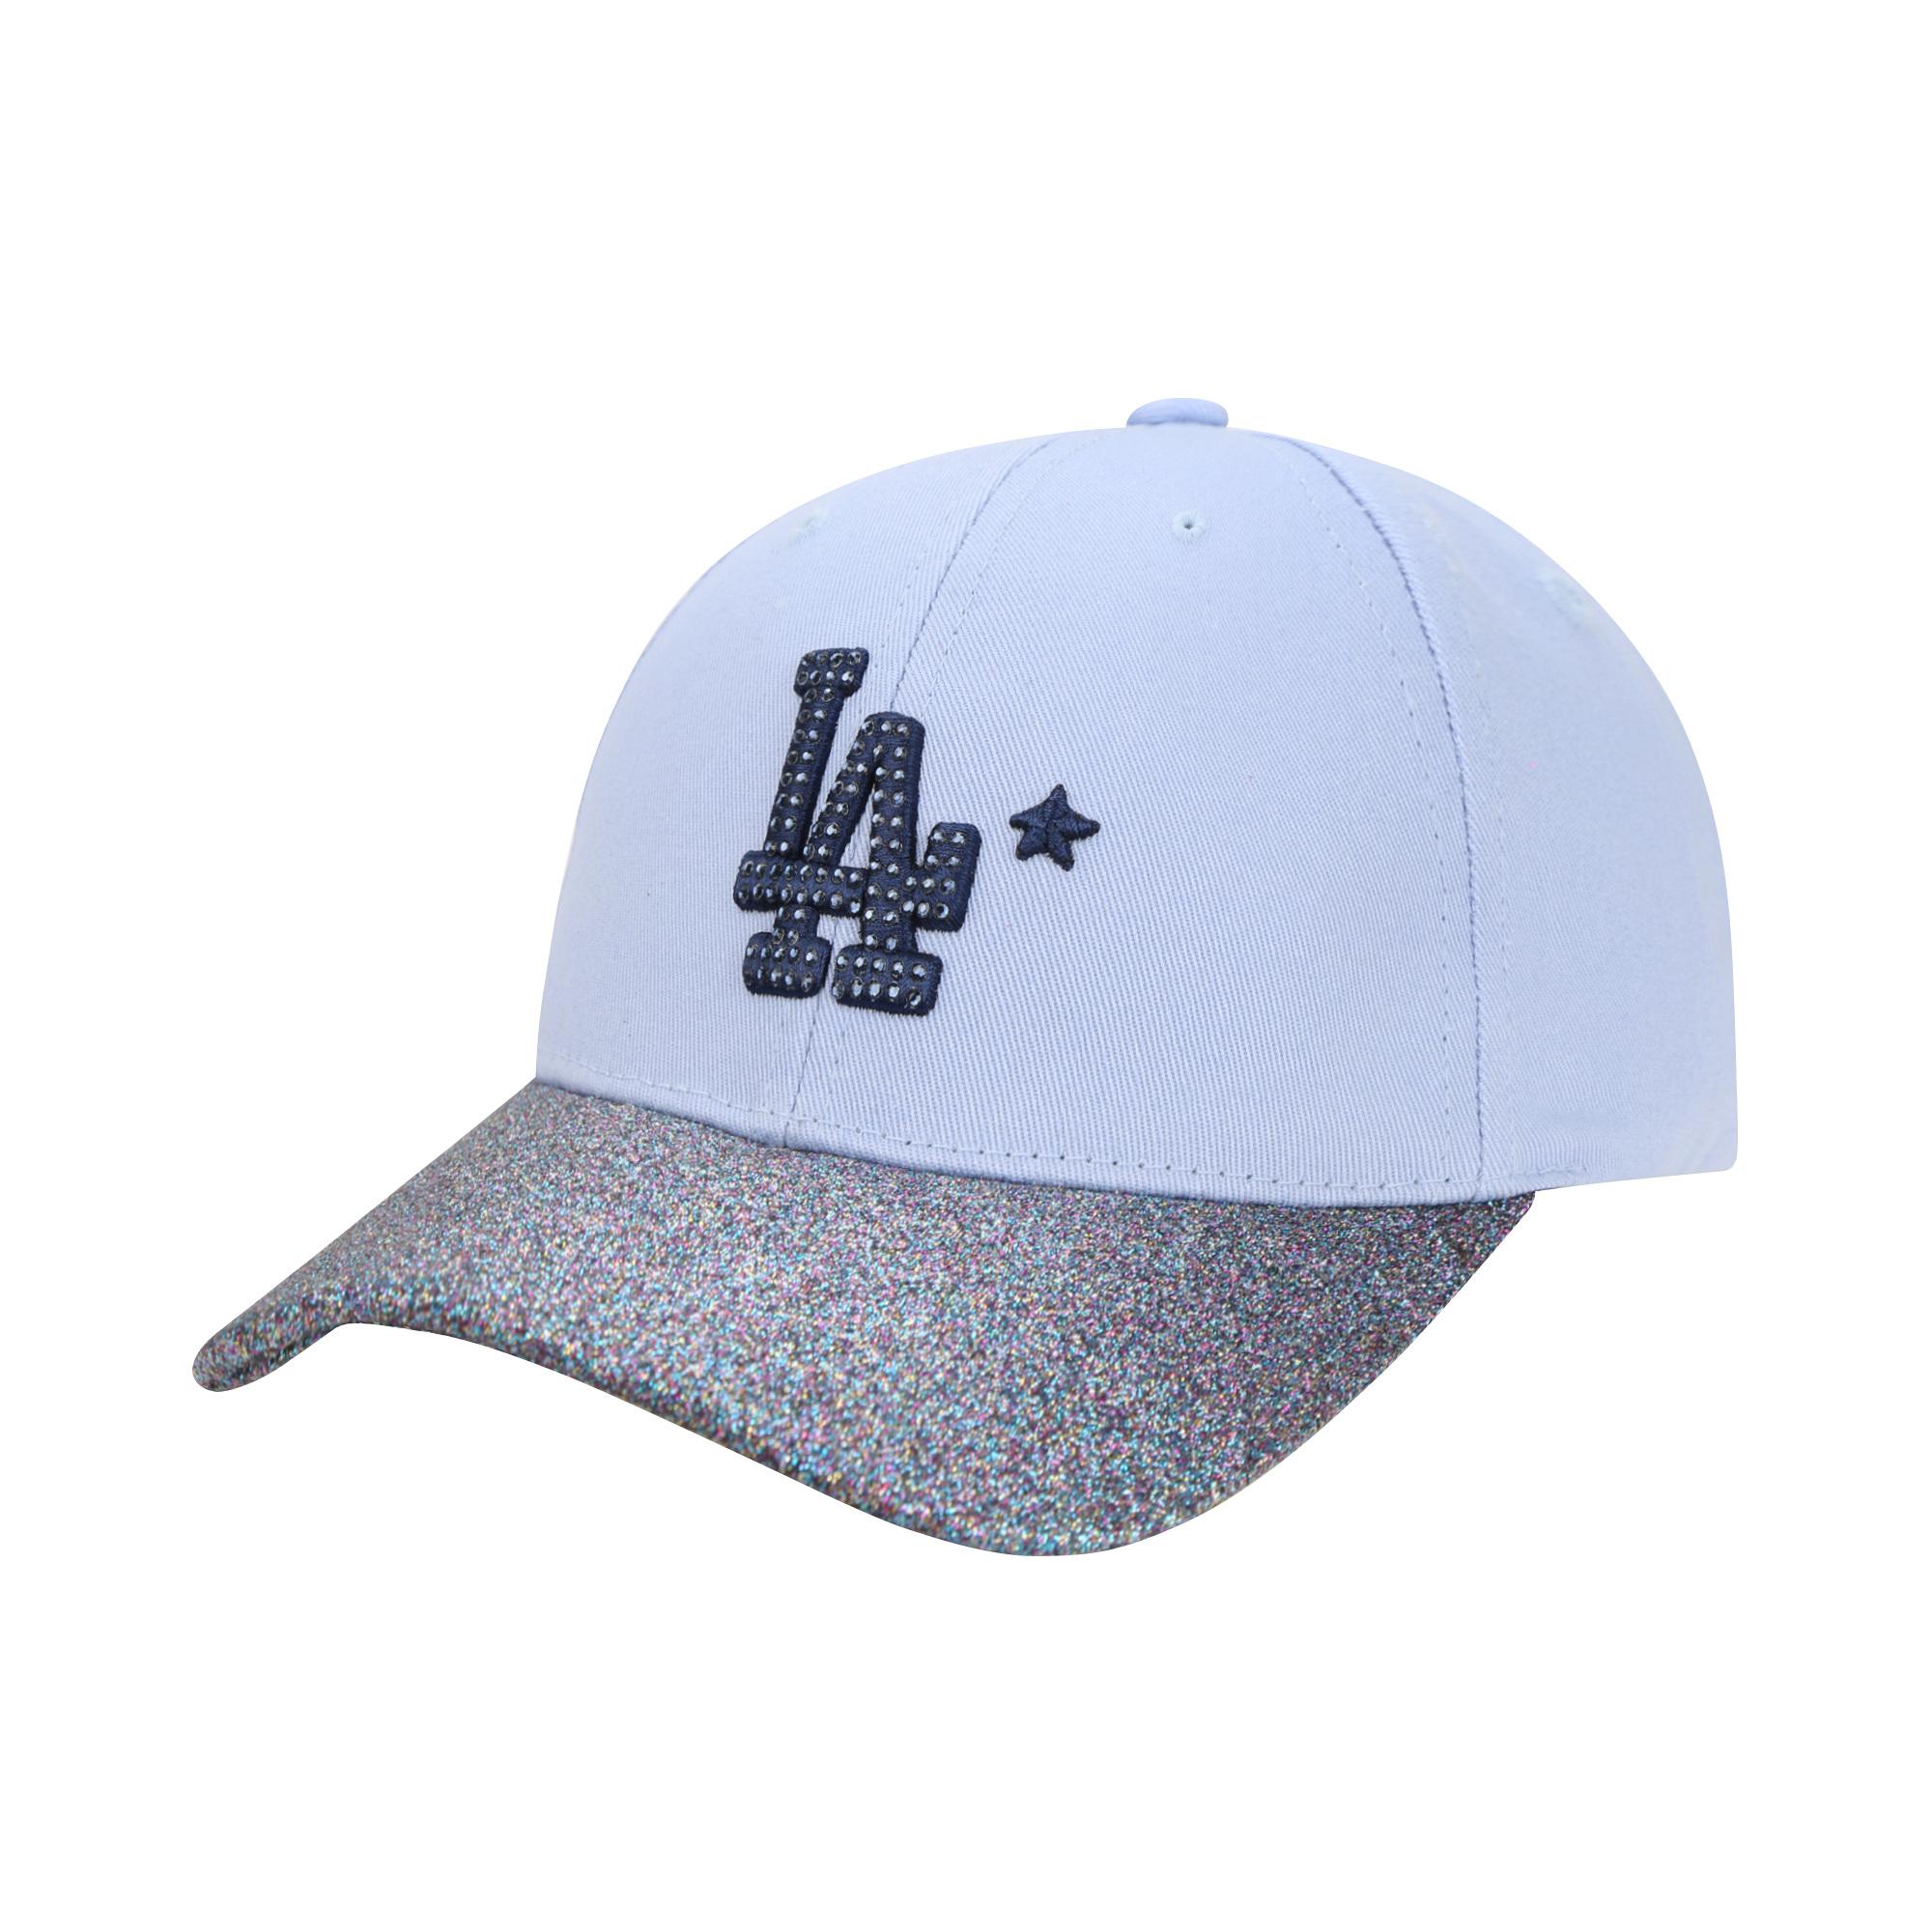 MLB LIKE 돌펄 청배색 커브캡 LA다저스